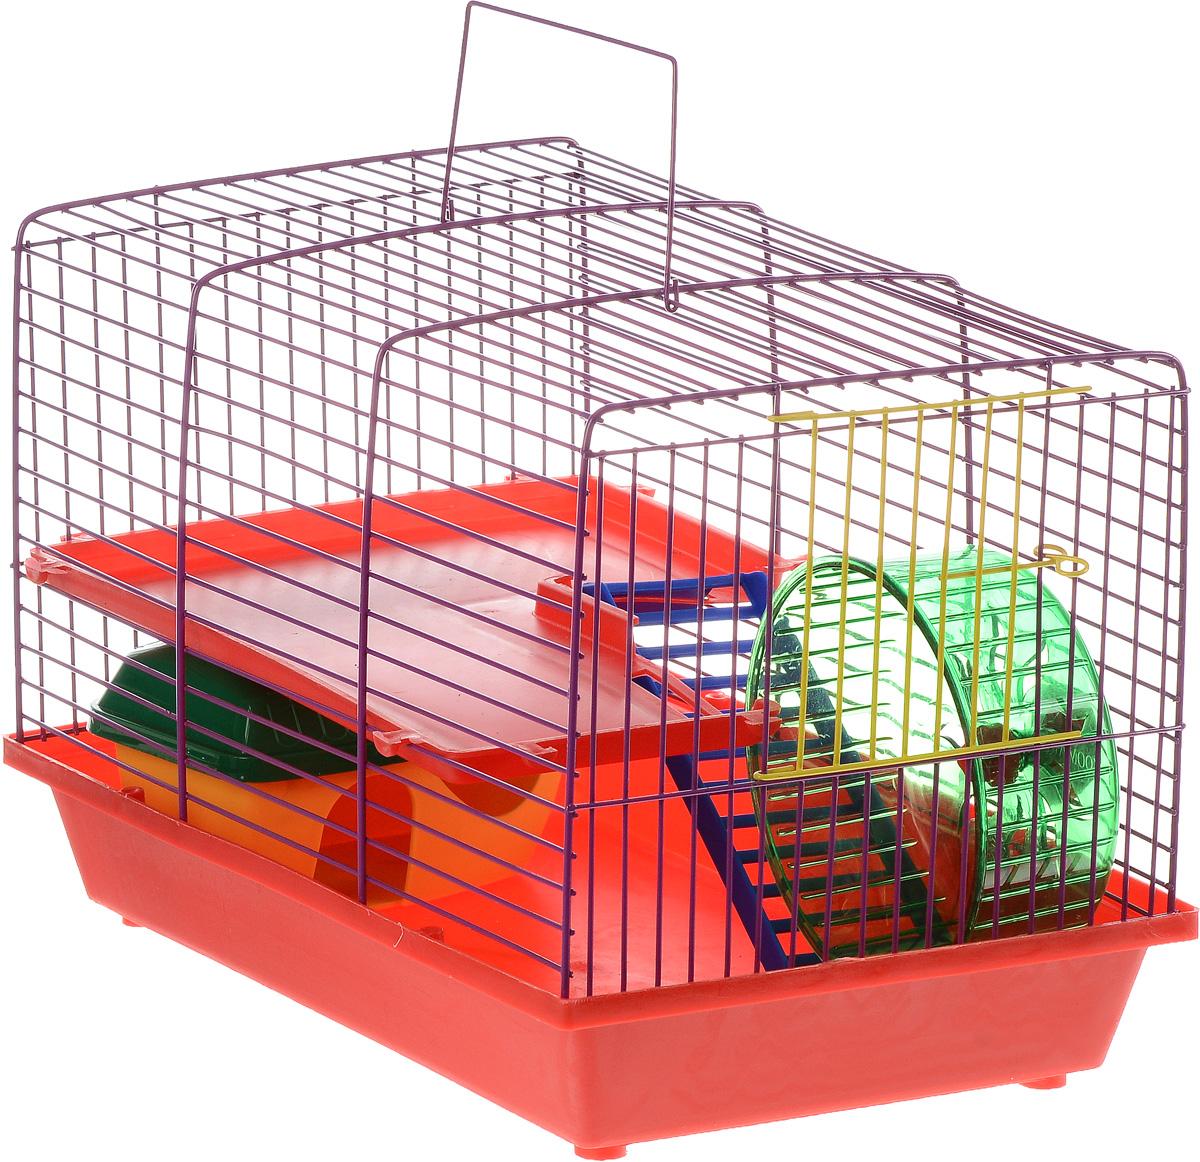 Клетка для грызунов ЗооМарк, 2-этажная, цвет: красный поддон, фиолетовая решетка, красные этаж, 36 х 23 х 24 см125_красный, фиолетовыйКлетка ЗооМарк, выполненная из полипропилена и металла, подходит для мелких грызунов. Изделие двухэтажное, оборудовано лестницей, колесом для подвижных игр и пластиковым домиком. Клетка имеет яркий поддон, удобна в использовании и легко чистится. Сверху имеется ручка для переноски. Такая клетка станет уединенным личным пространством и уютным домиком для маленького грызуна.